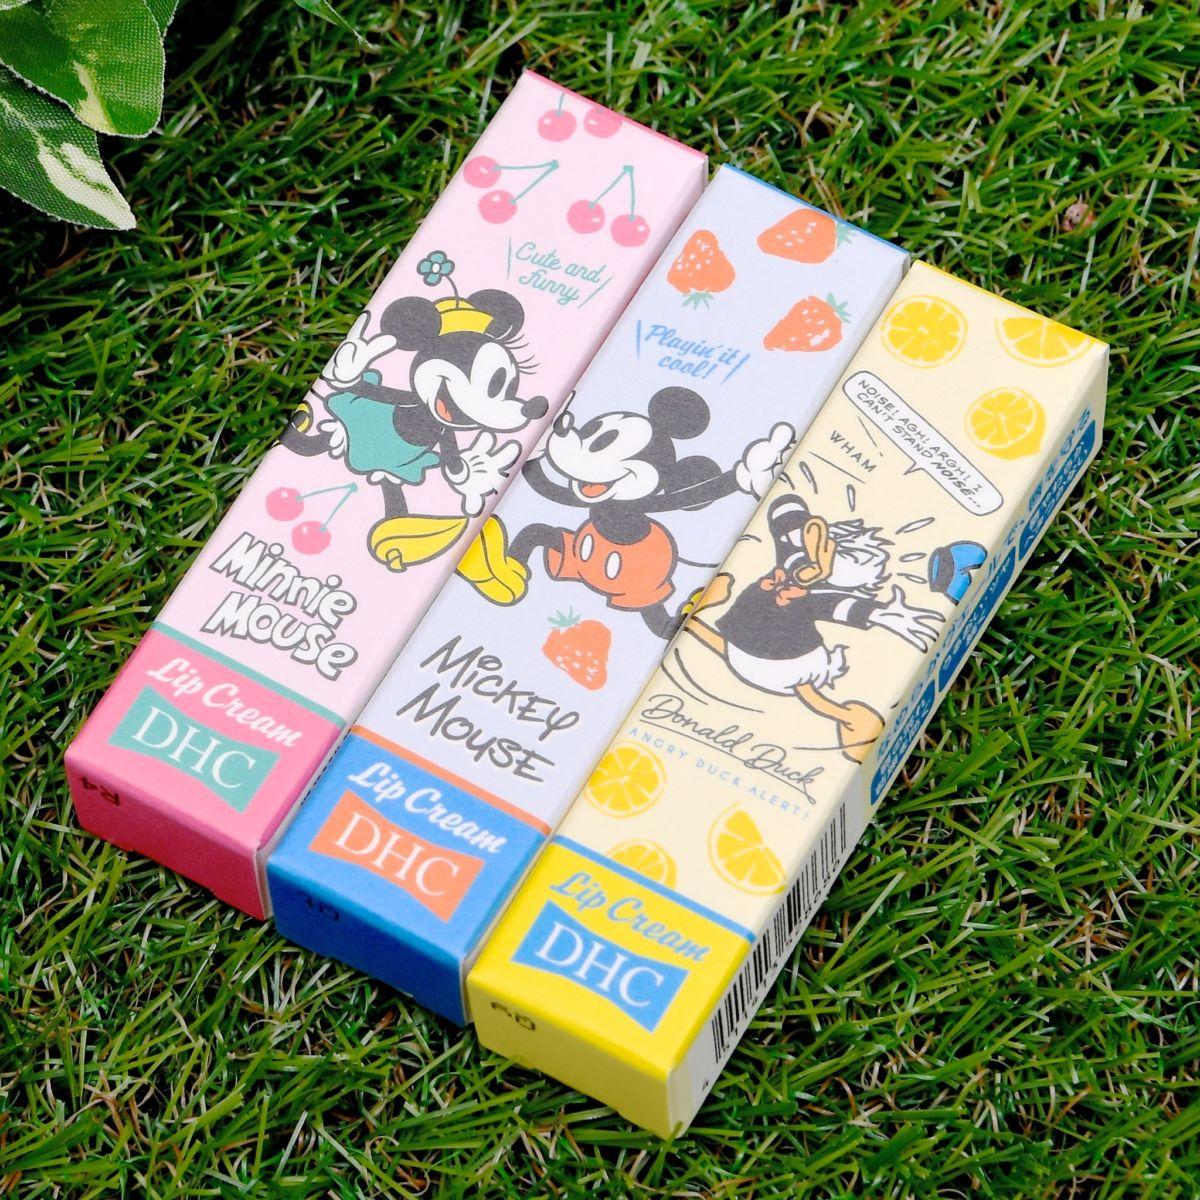 DHC薬用リップクリーム ディズニー(ミッキー&フレンズ)デザイン パッケージ